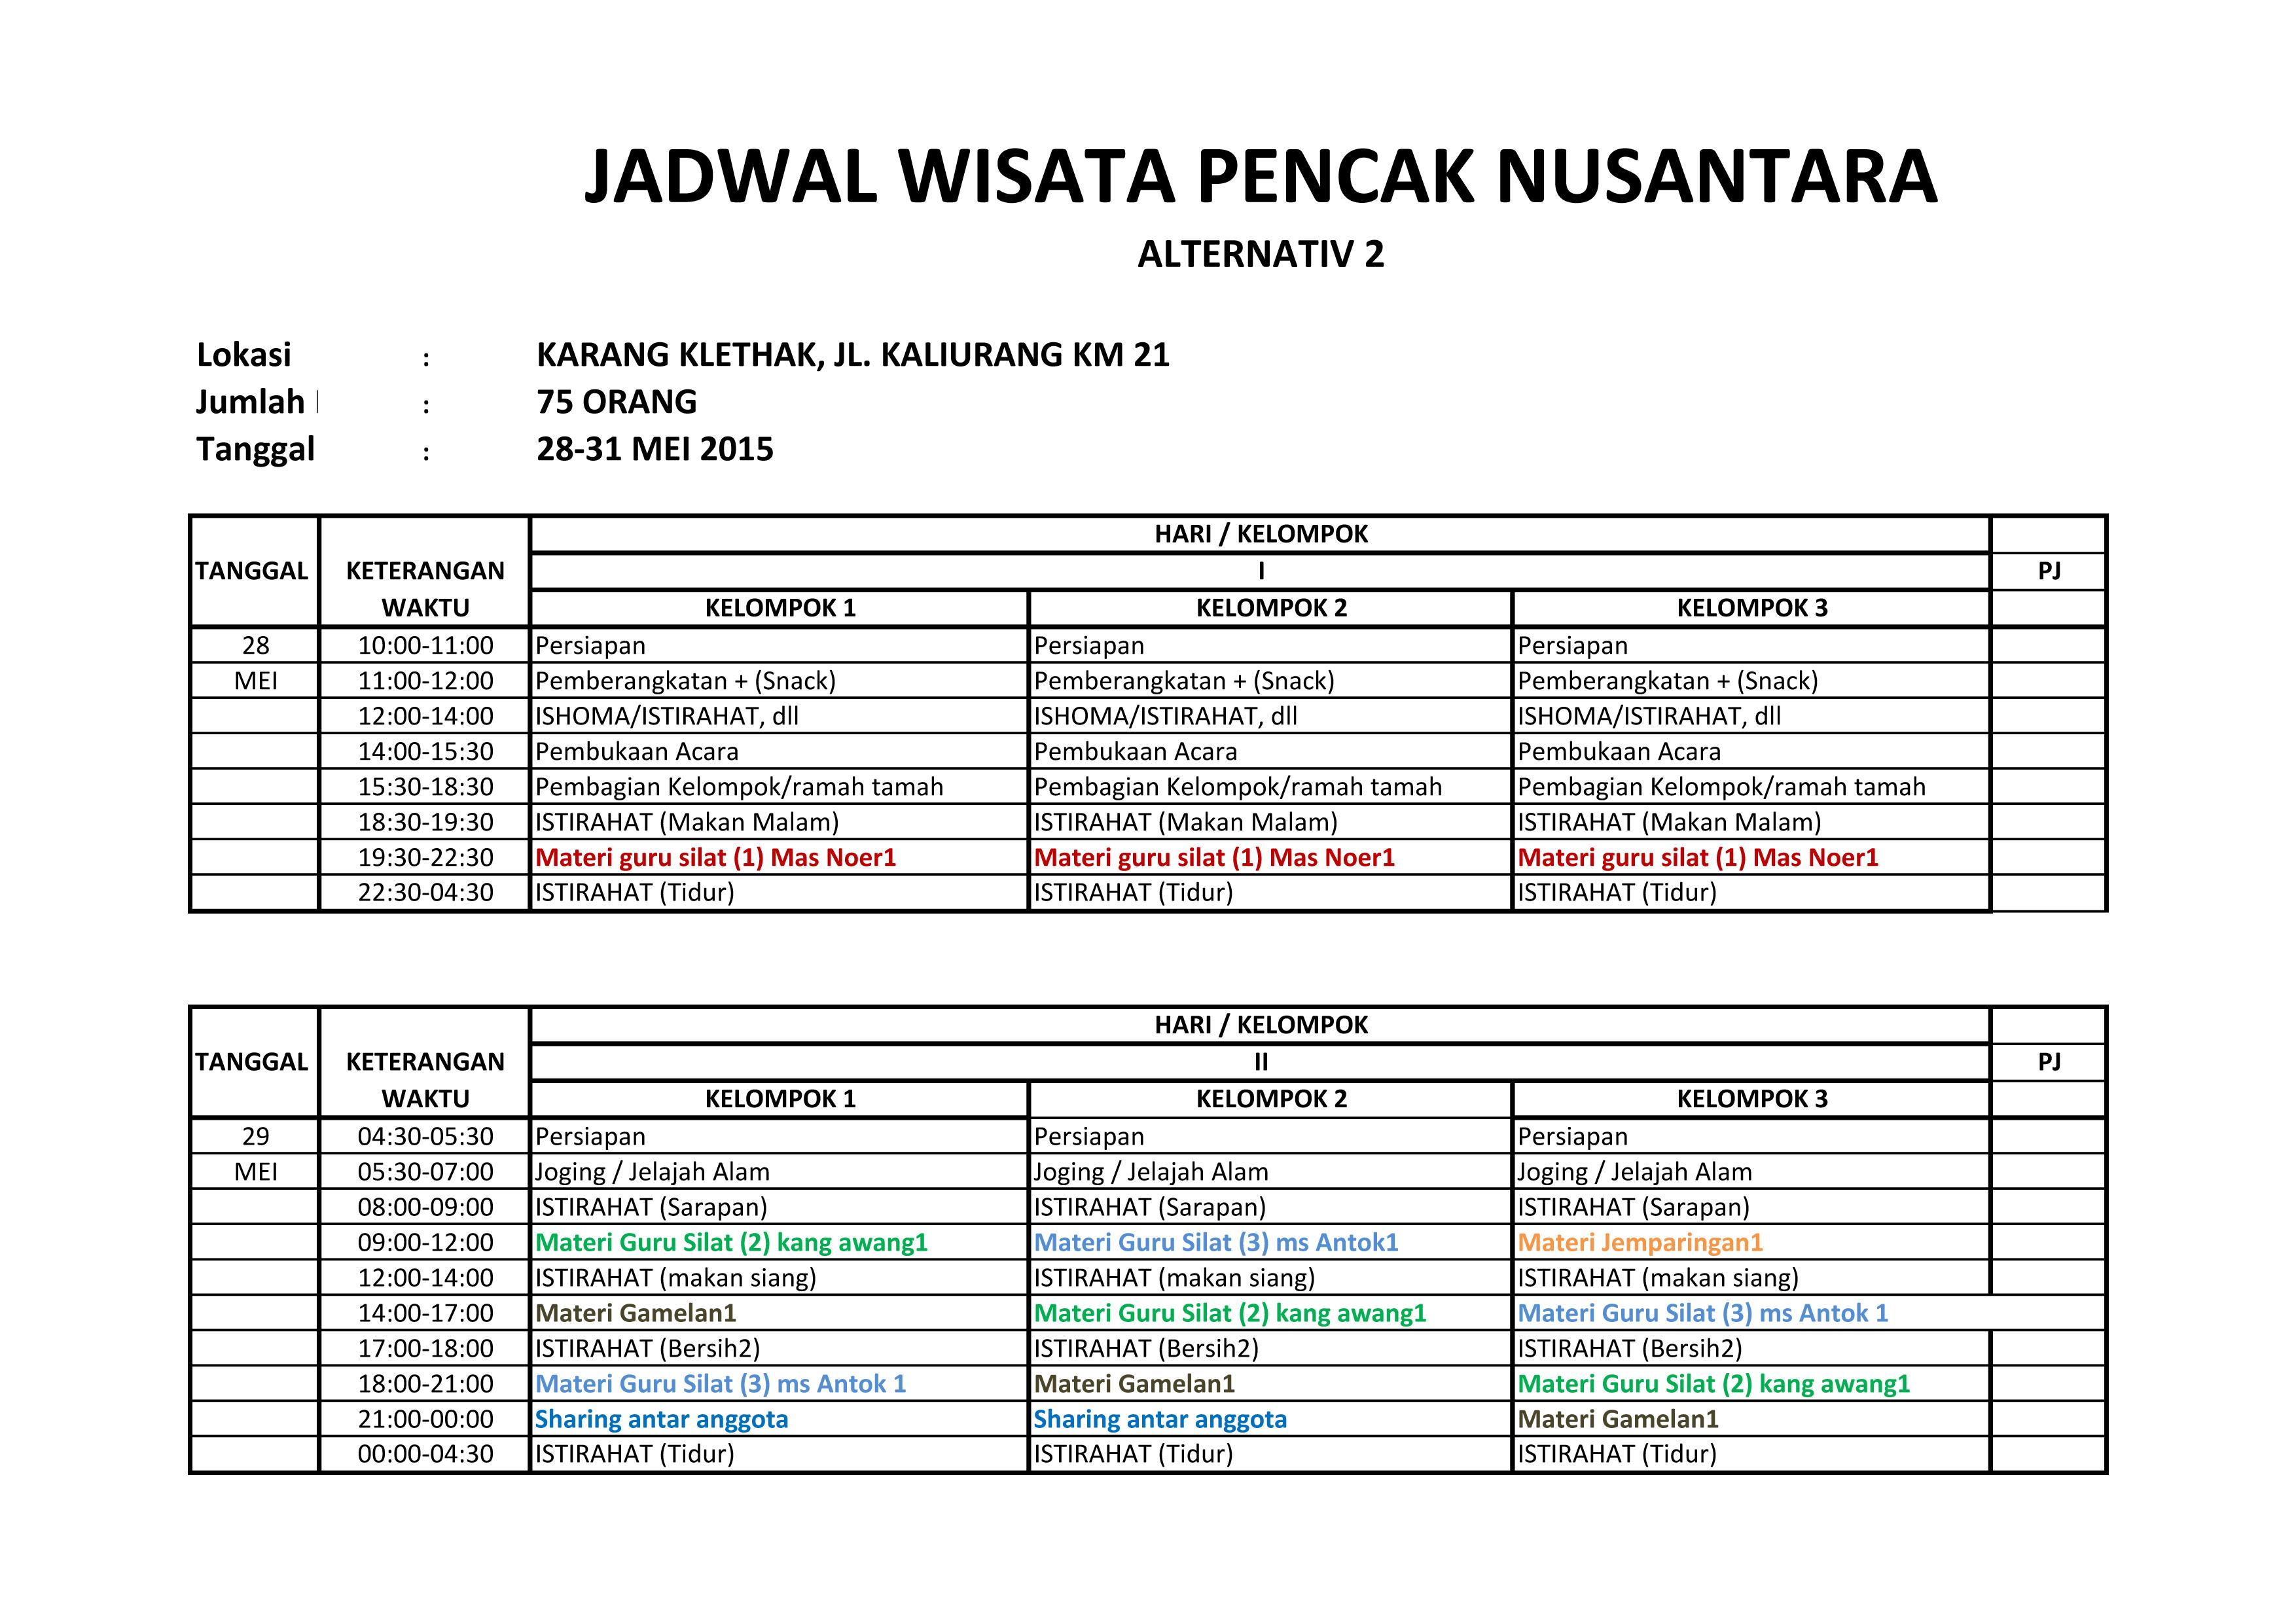 Jadwal WIsata Pencak Nusantara hlm 1